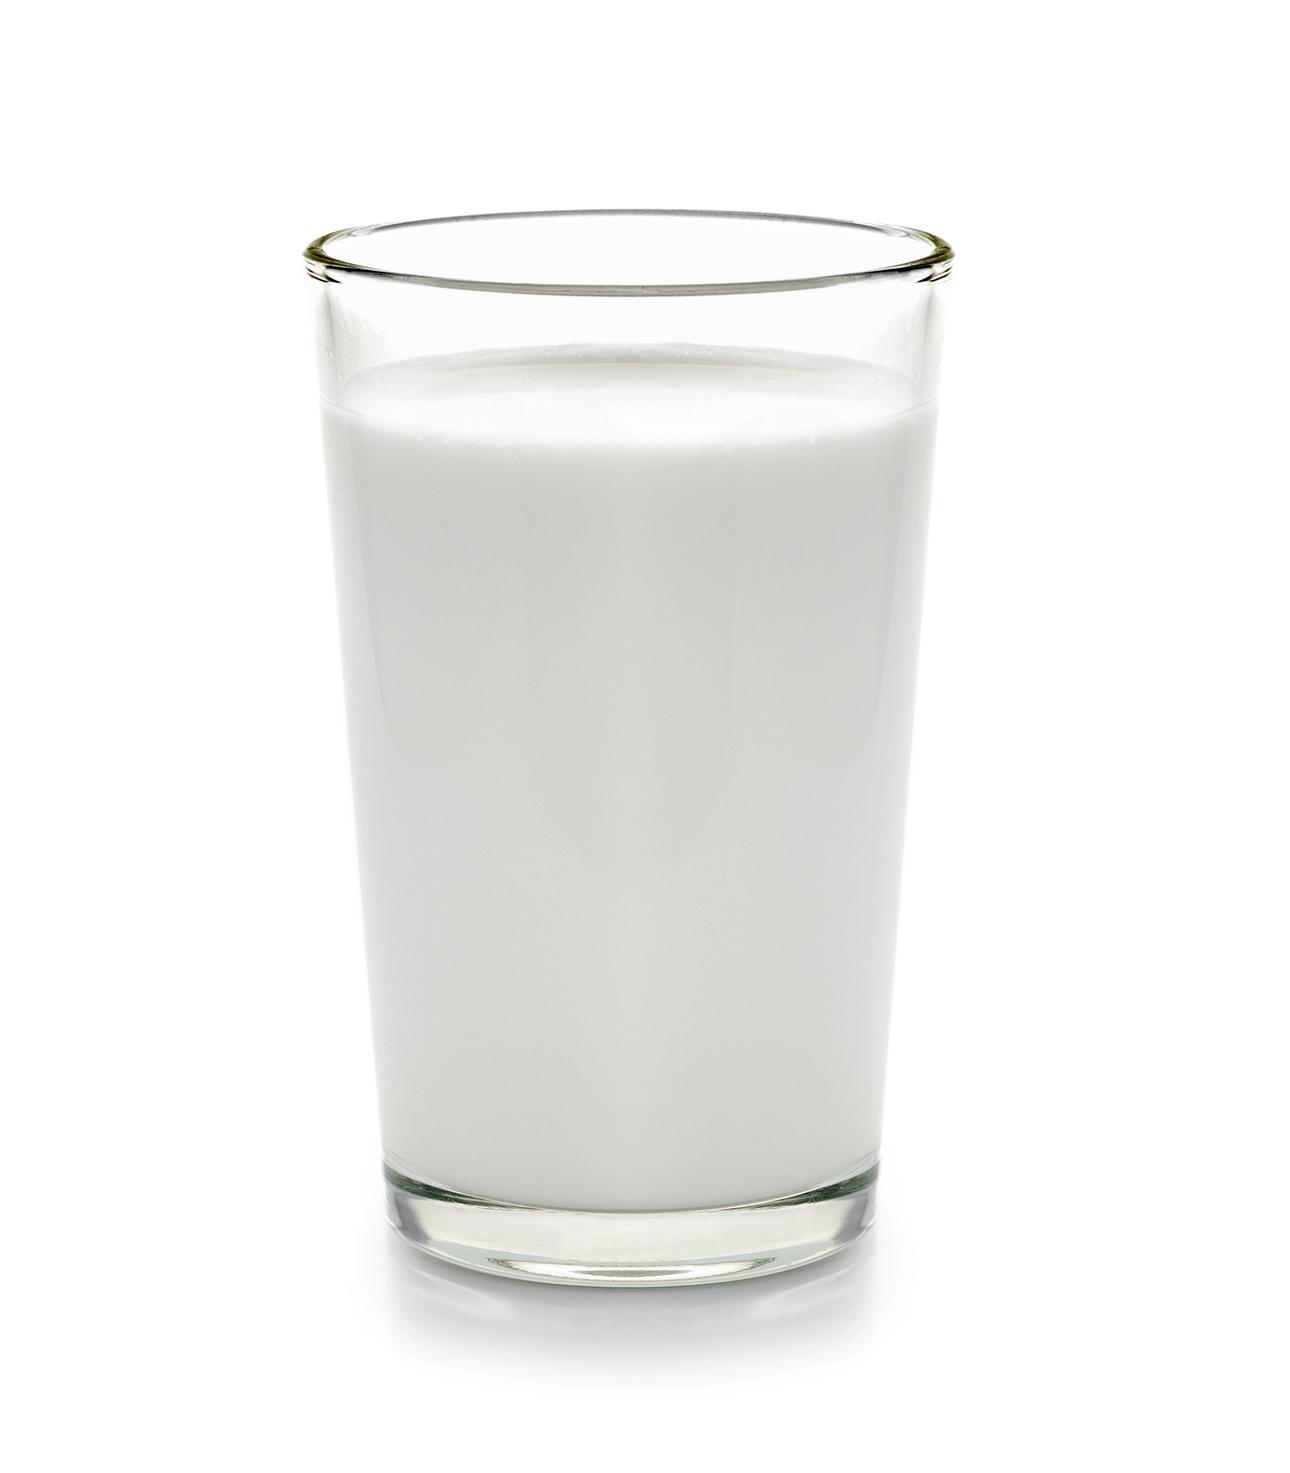 Vergiftungsgefahr: Hersteller ruft Milch zurück!